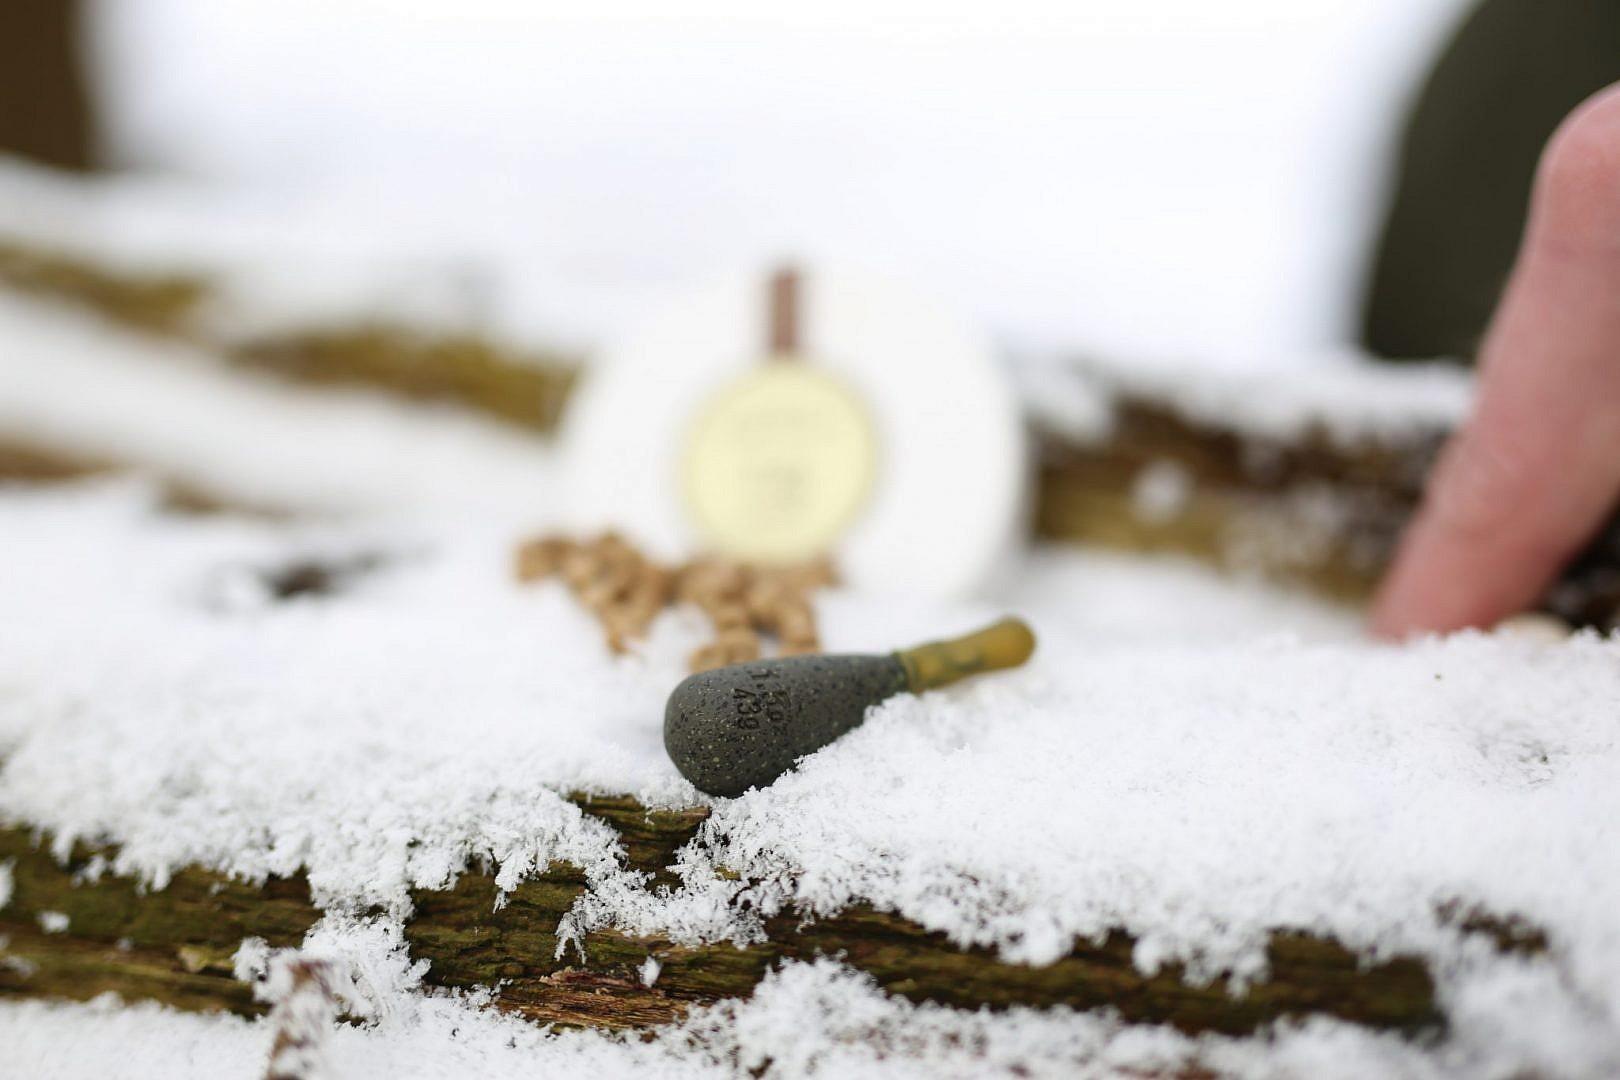 Met loodjes van 40-50 gram kun je gerust een paar keer werpen zonder de stek te verstoren.